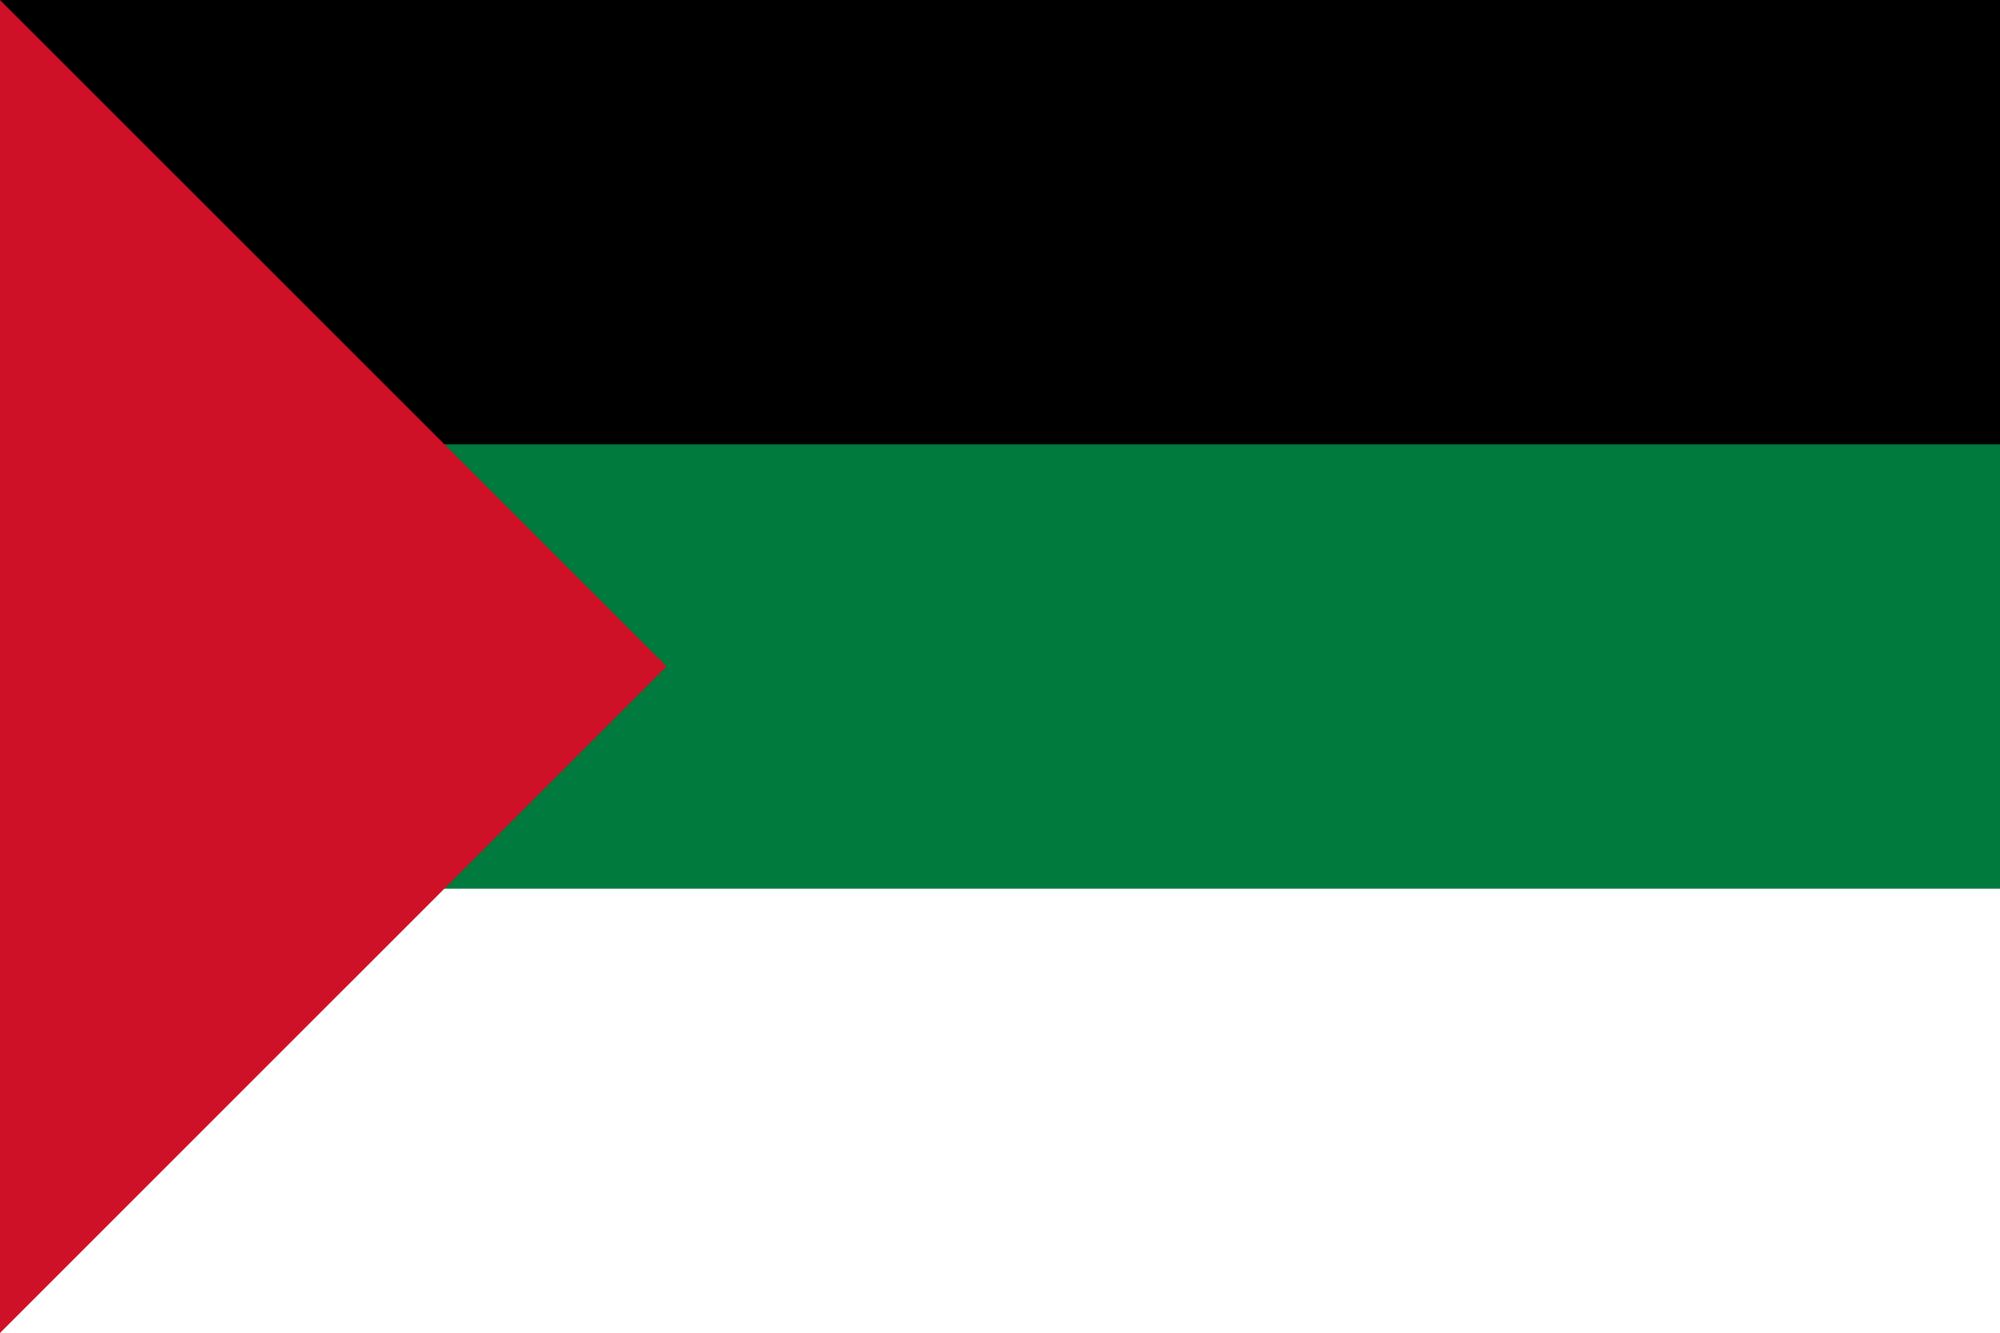 Osmanlı yönetimindeki Mekke Arap İsyanı sırasında Arapların eline geçti. tarihte bugün